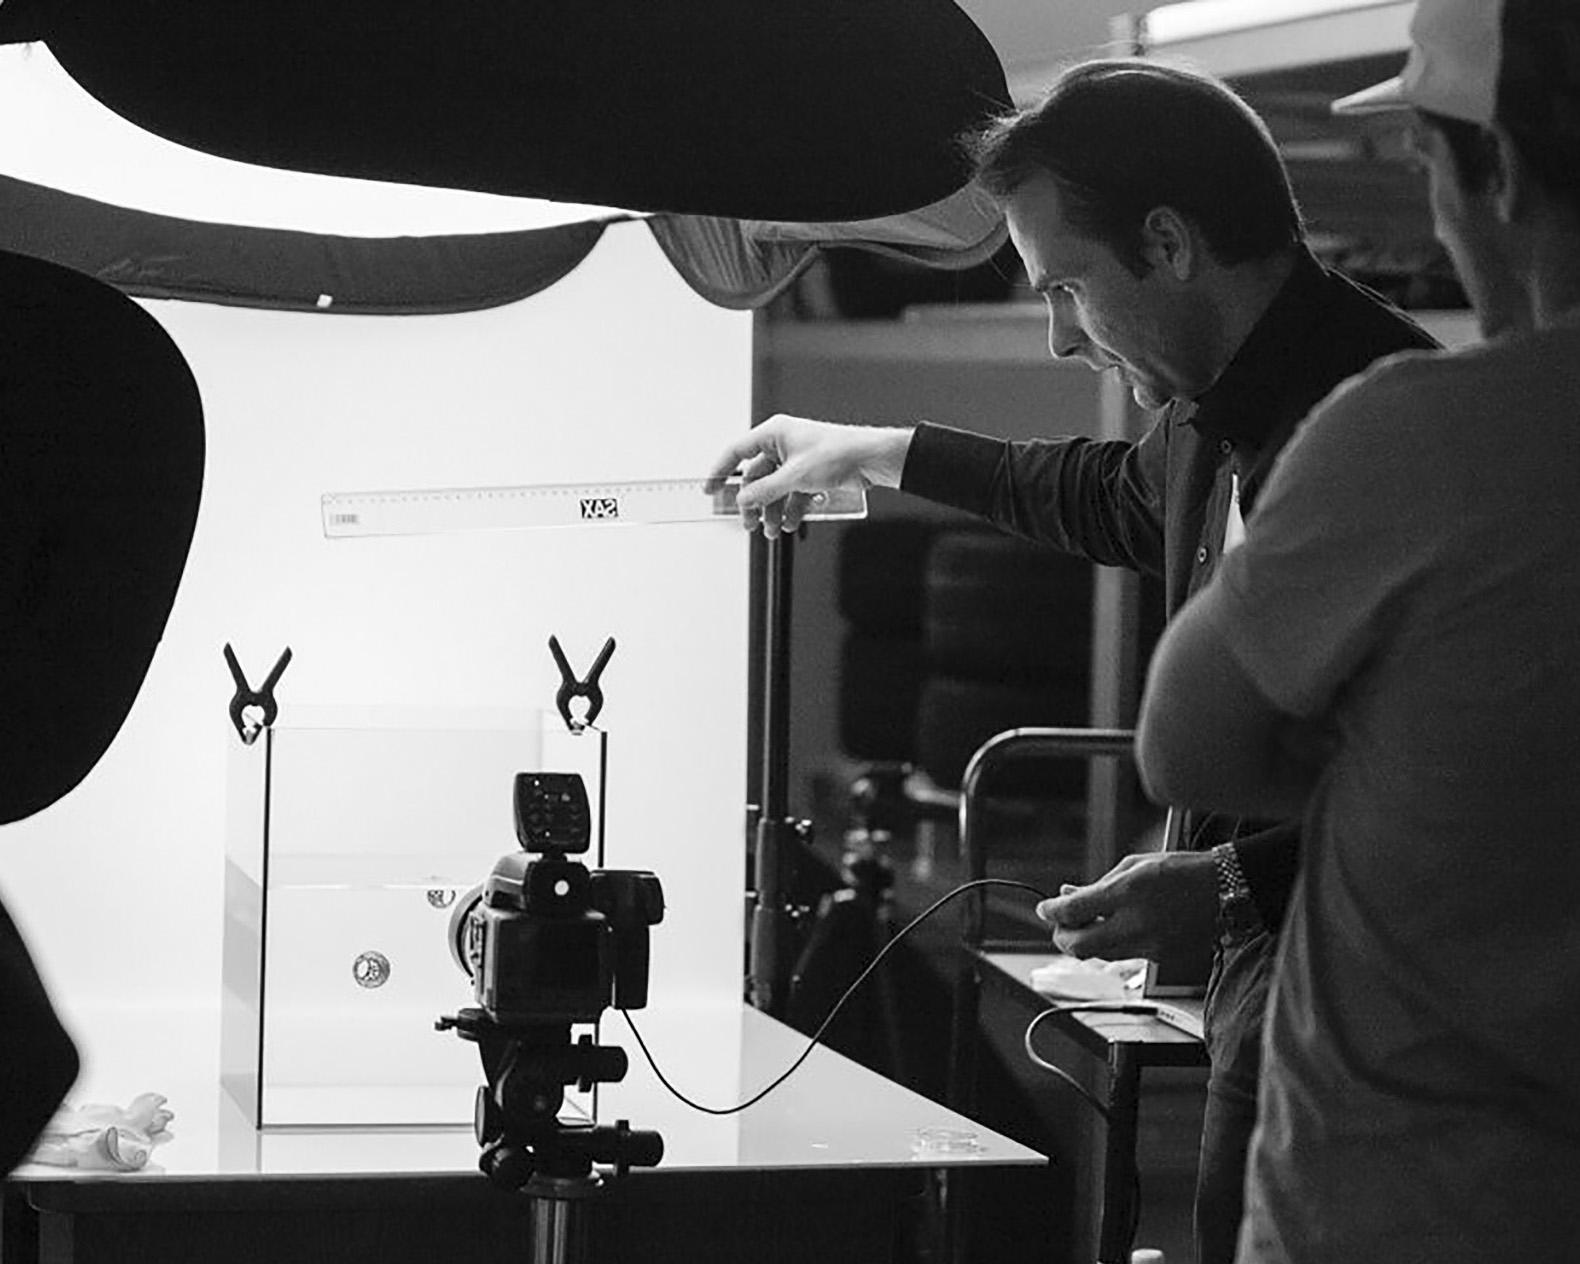 WIEN - LIK Akademie für Foto und Design